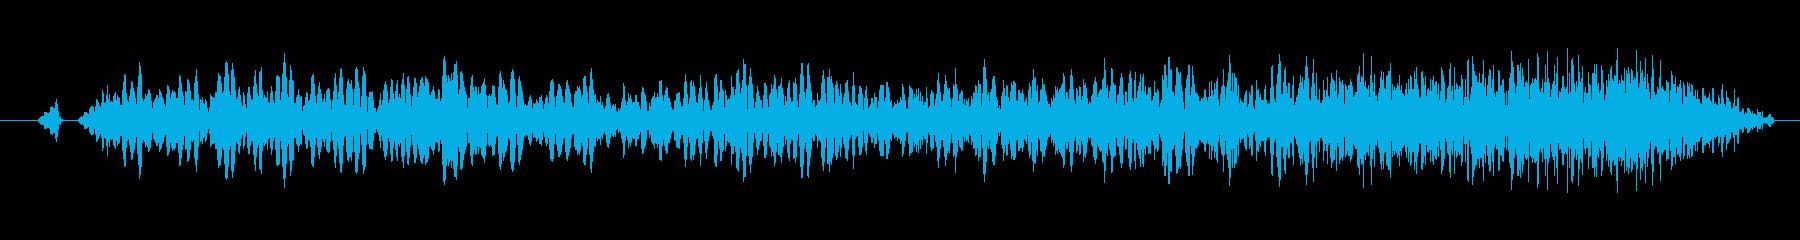 ホラー/恐怖の演出や場面転換に最適!03の再生済みの波形